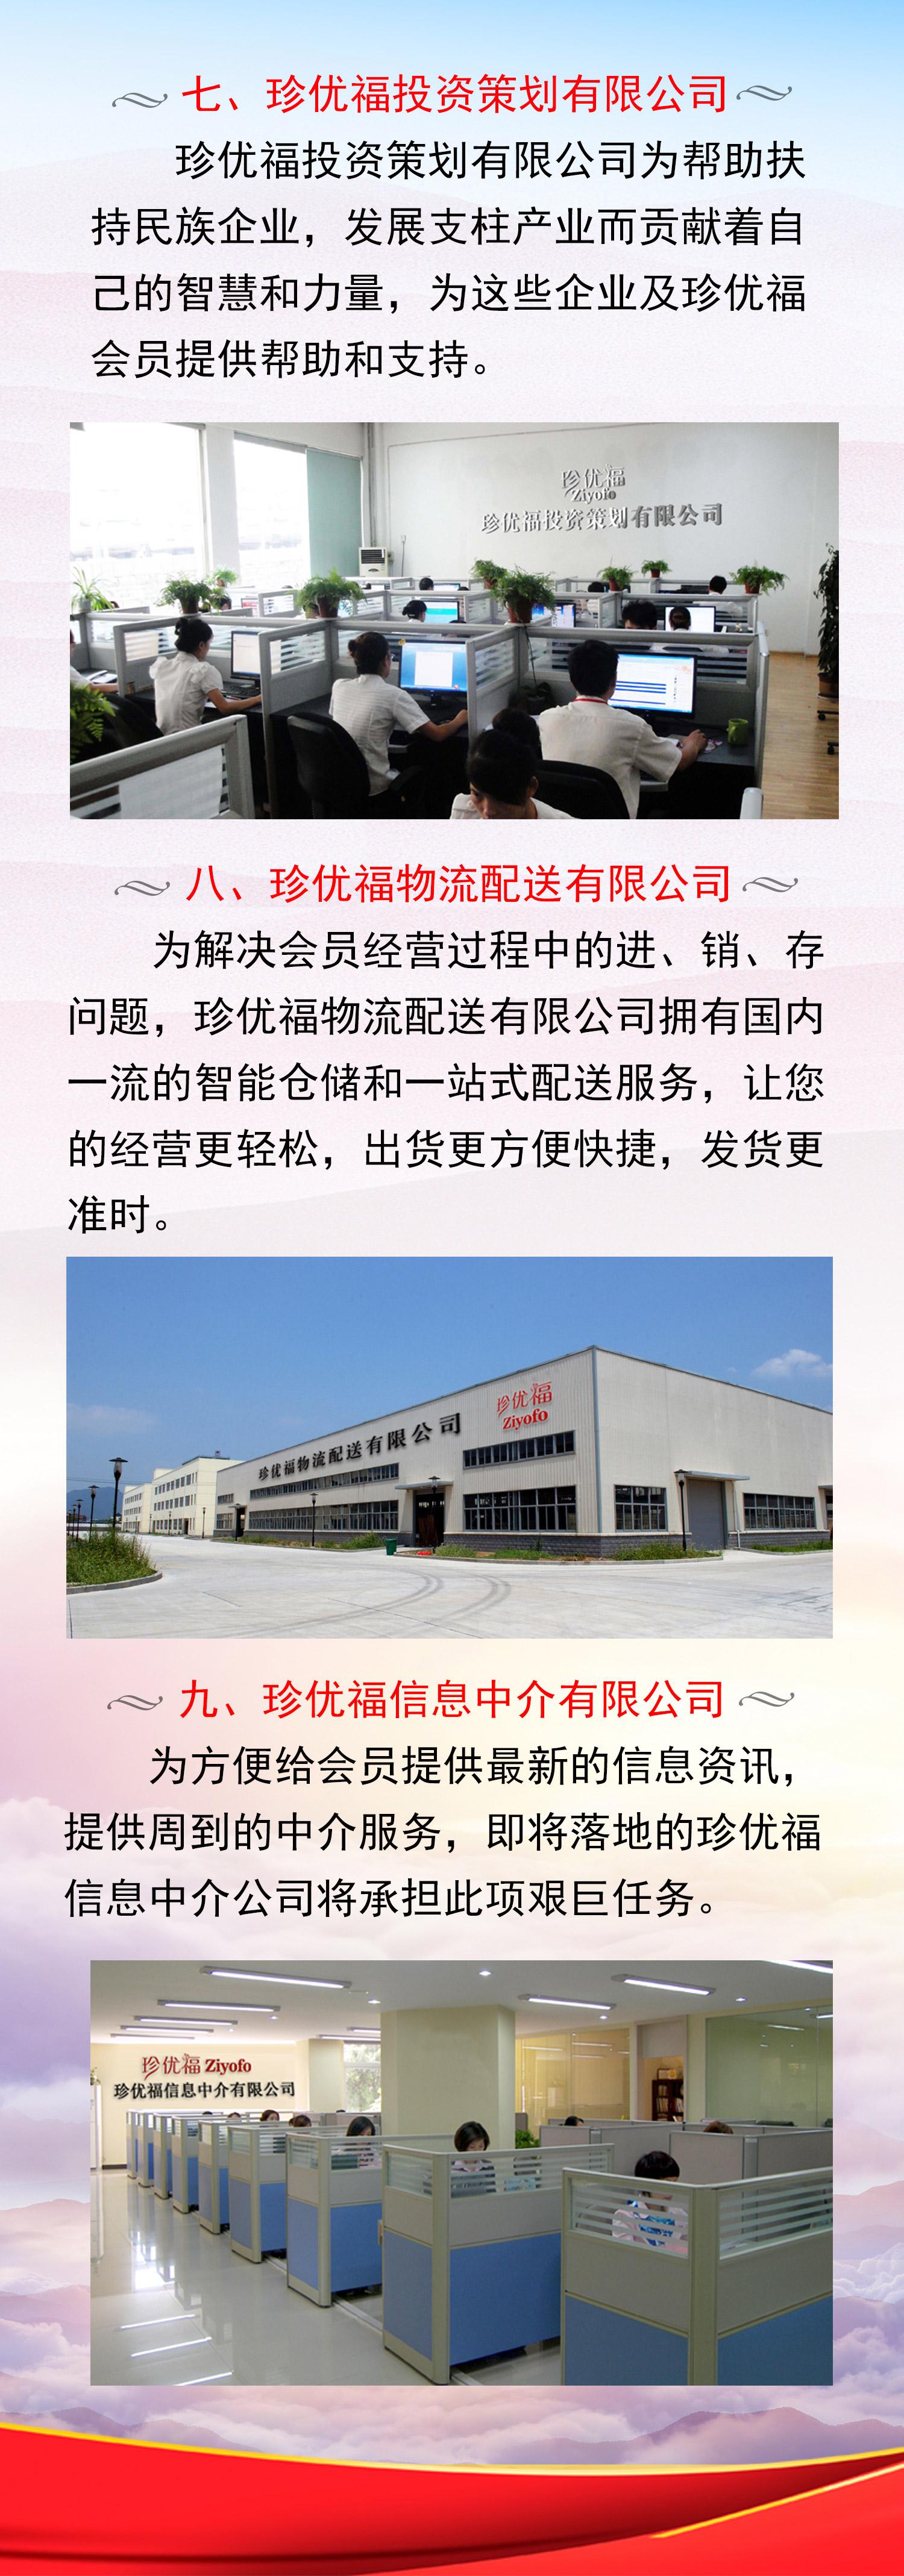 http://image.zhenyoufu.com.cn/shop/article/06711082938576440.jpg